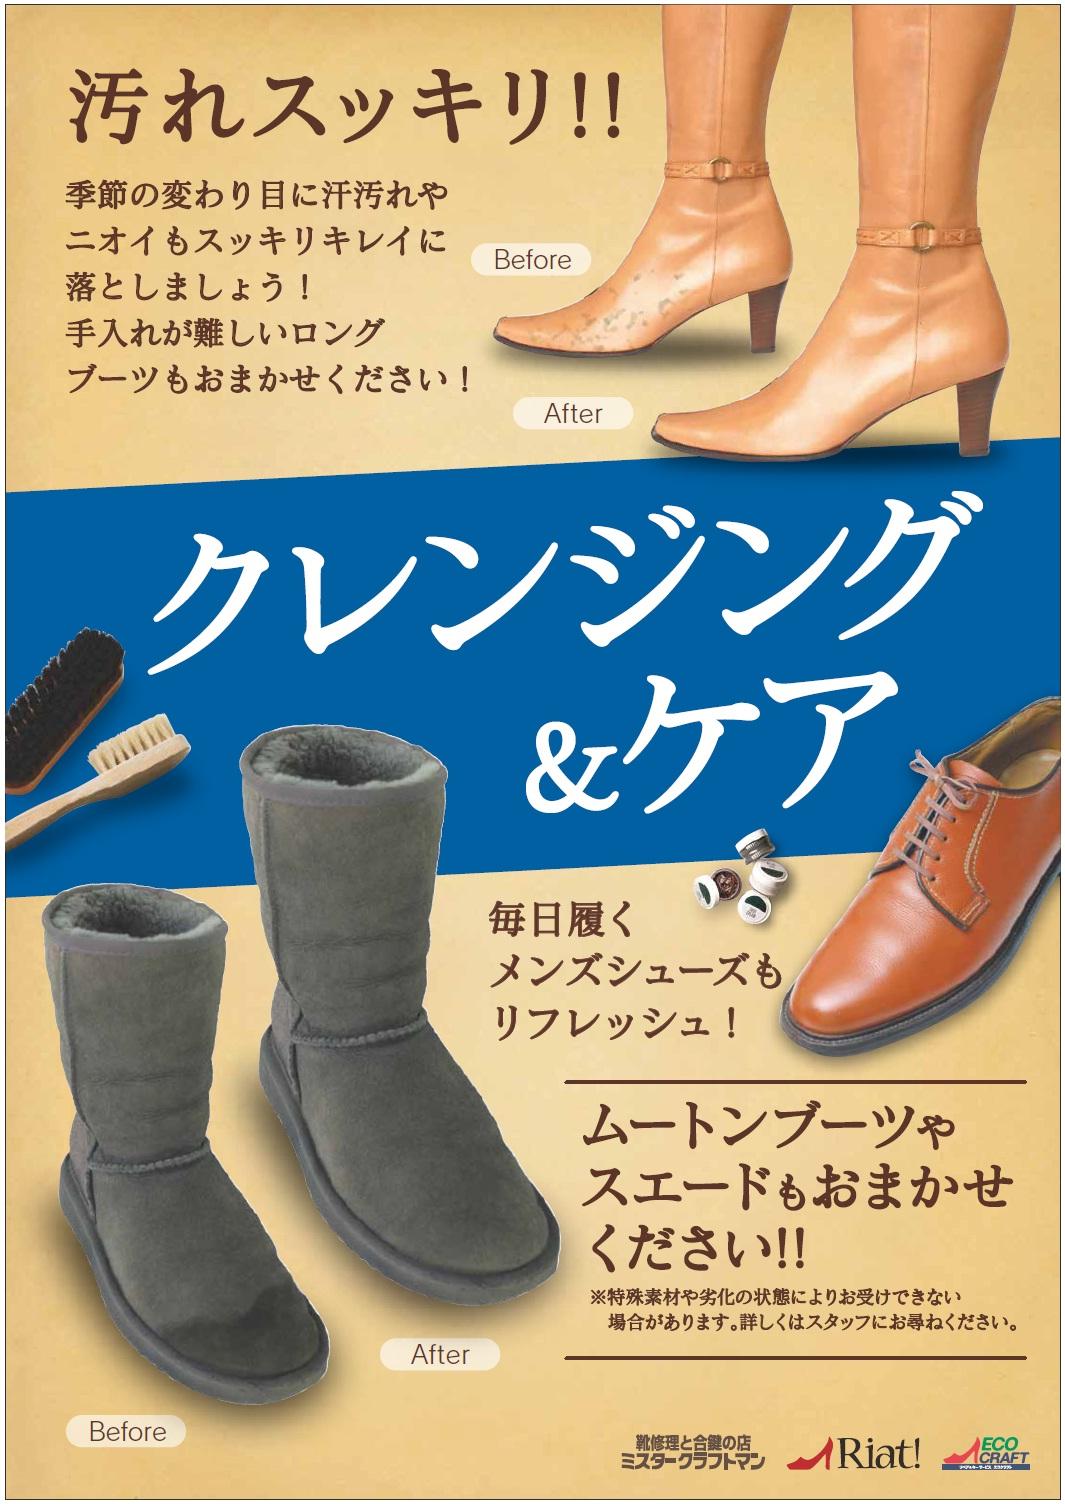 1年の始まりに、靴の汚れを落としてケアを! \u2013 SAKURA MACHI